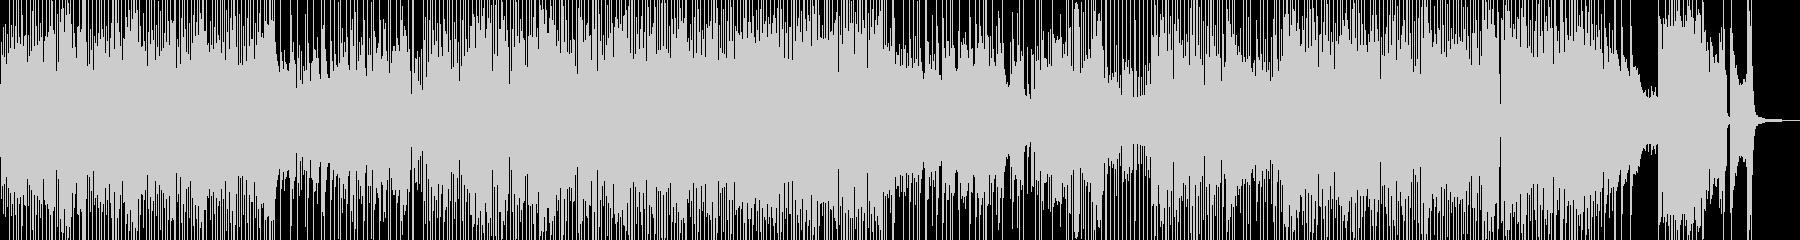 軽快・喜劇的なカントリーポップ 短尺の未再生の波形